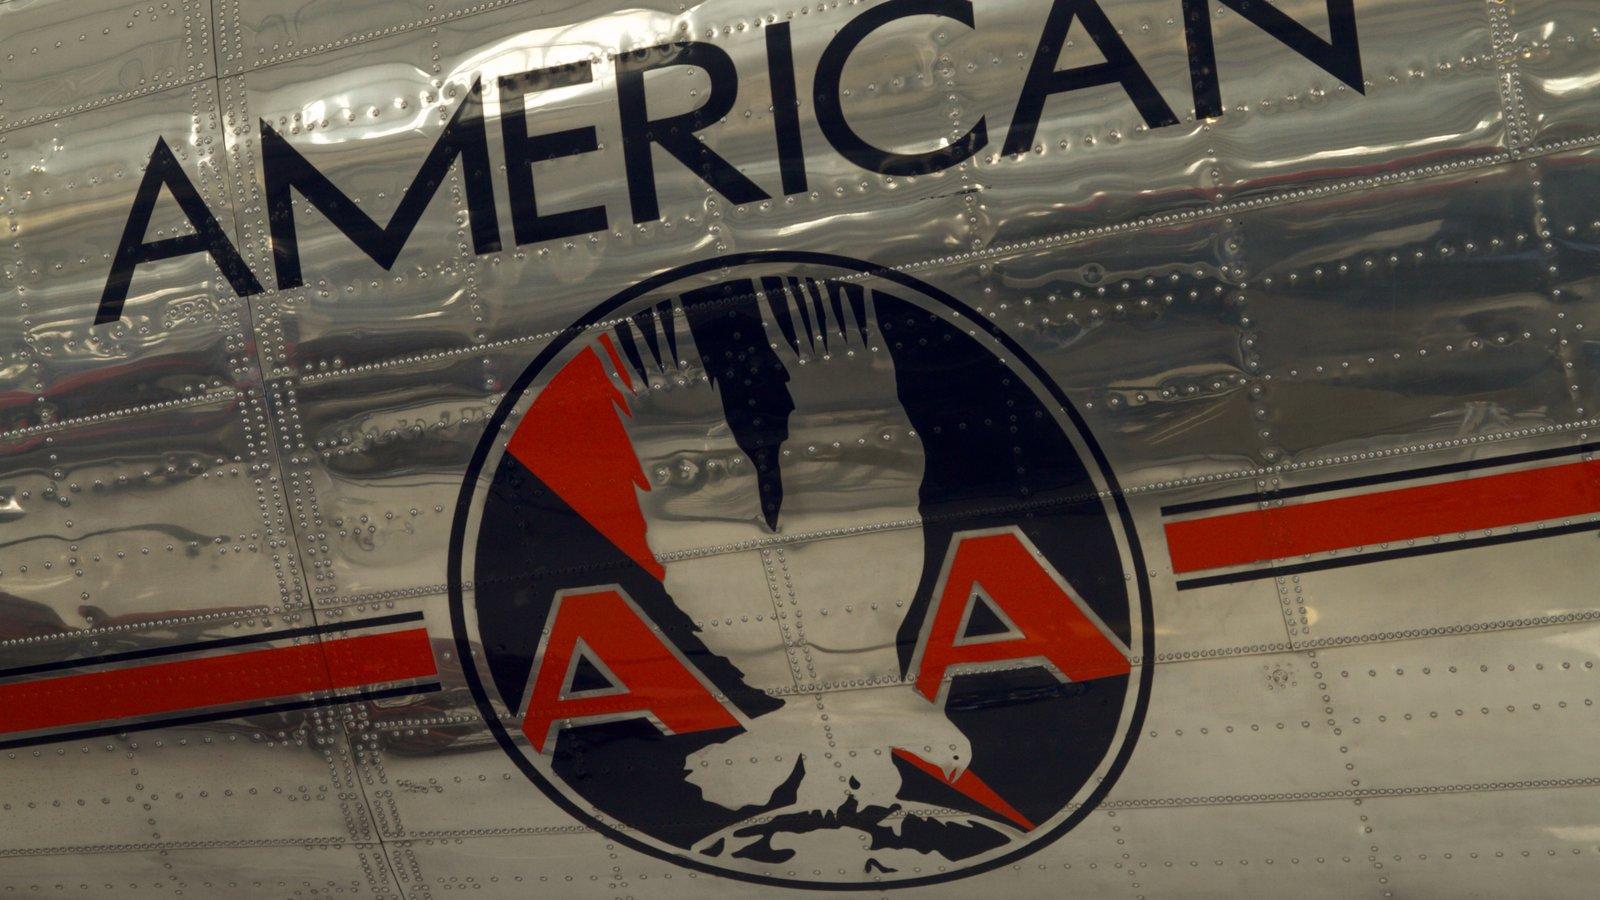 Museo del Aire Lyon ofreciendo aeronave y señalización